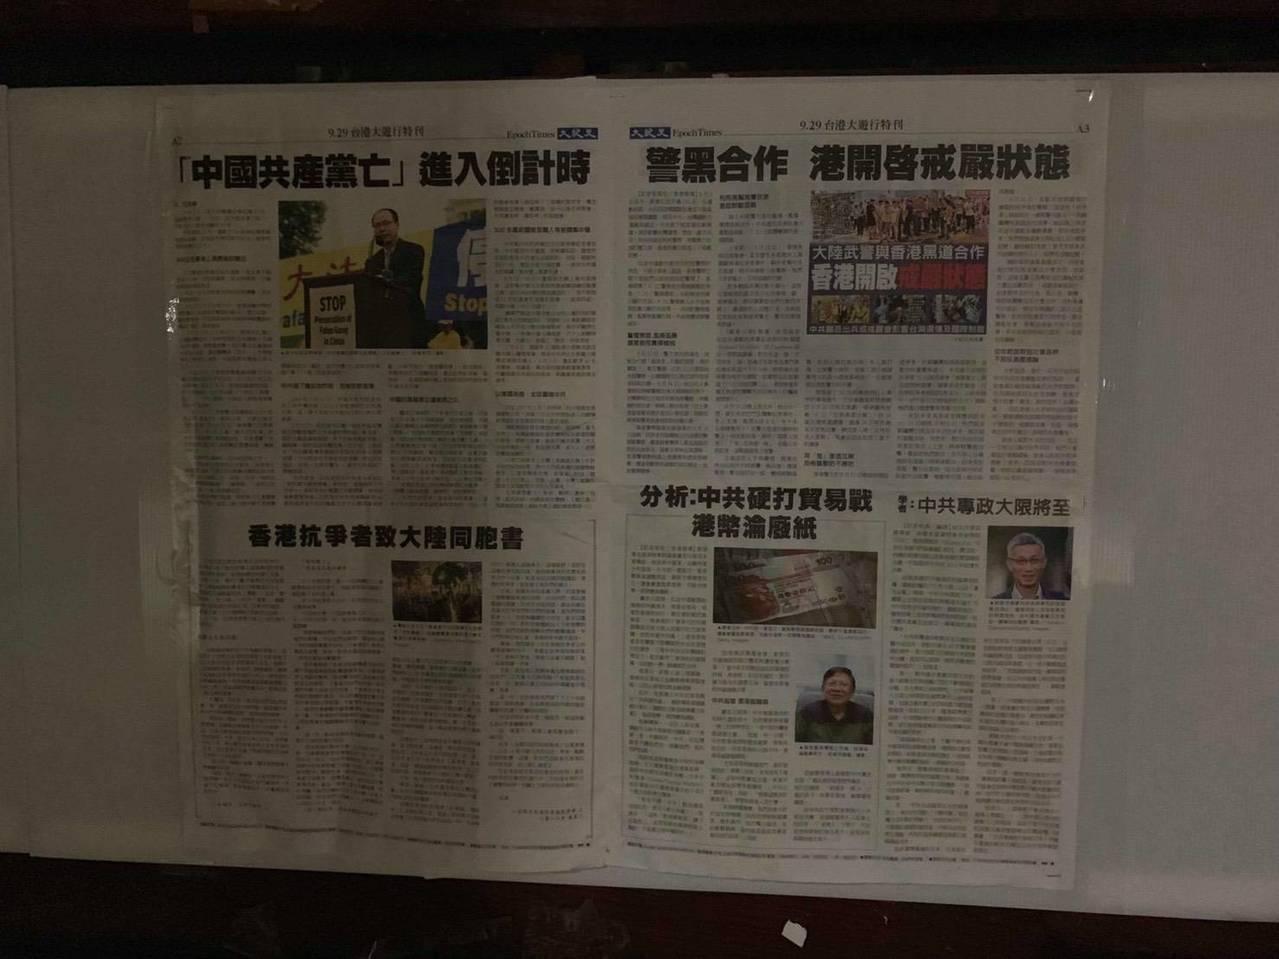 清大校內小吃部前圓環連儂牆張貼,支持香港與反送中報導的報紙、海報、便條紙,9月3...